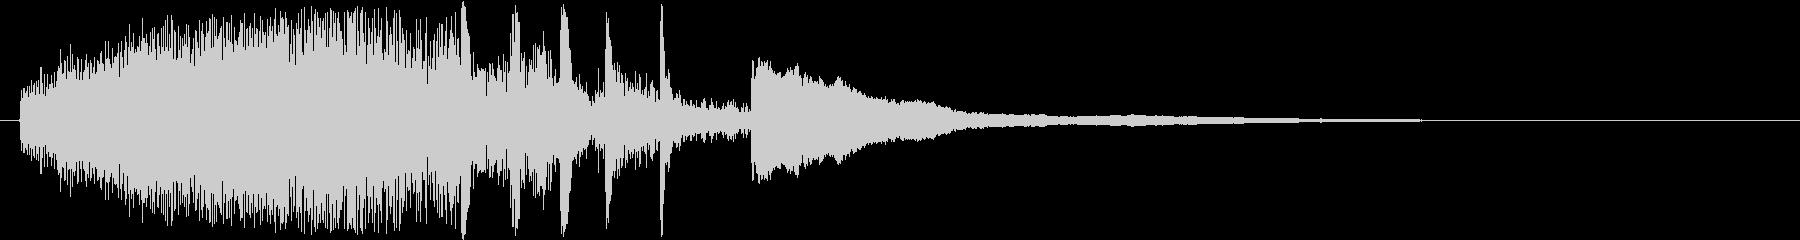 サウンドロゴ、ゲーム、アプリ起動音などにの未再生の波形